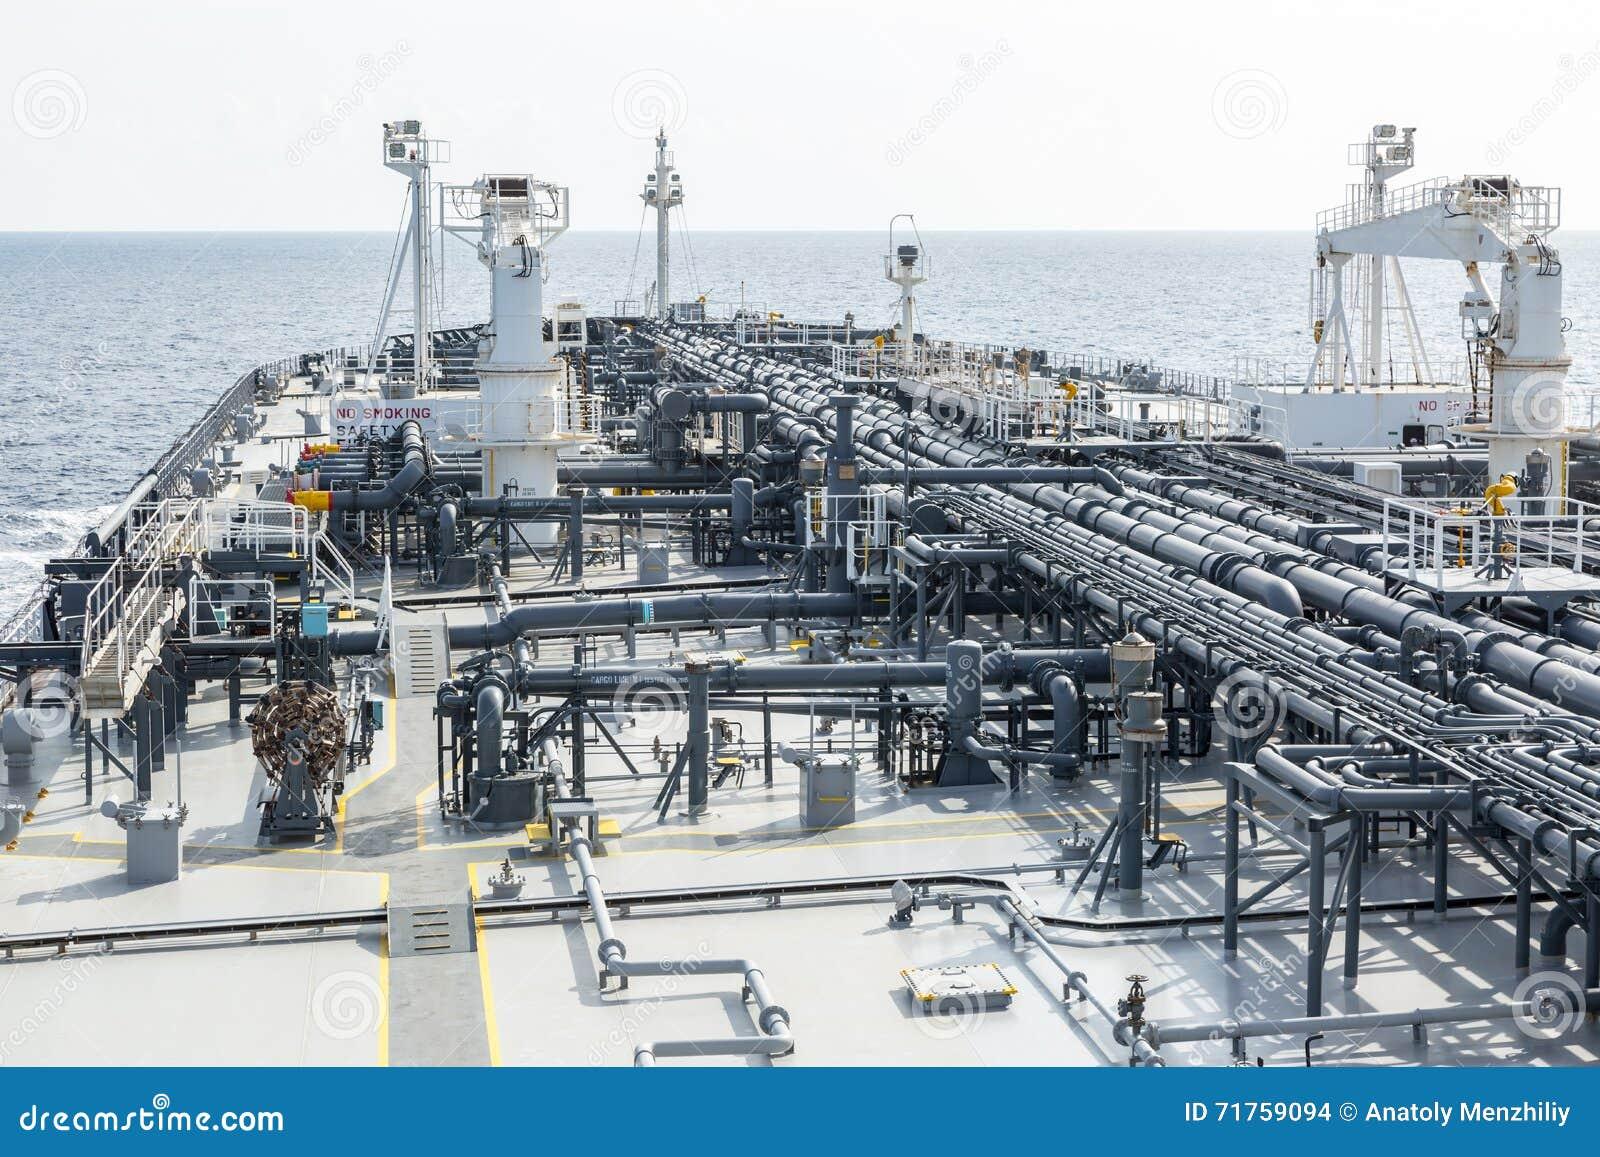 Μπροστινό μέρος του βυτιοφόρου αργού πετρελαίου